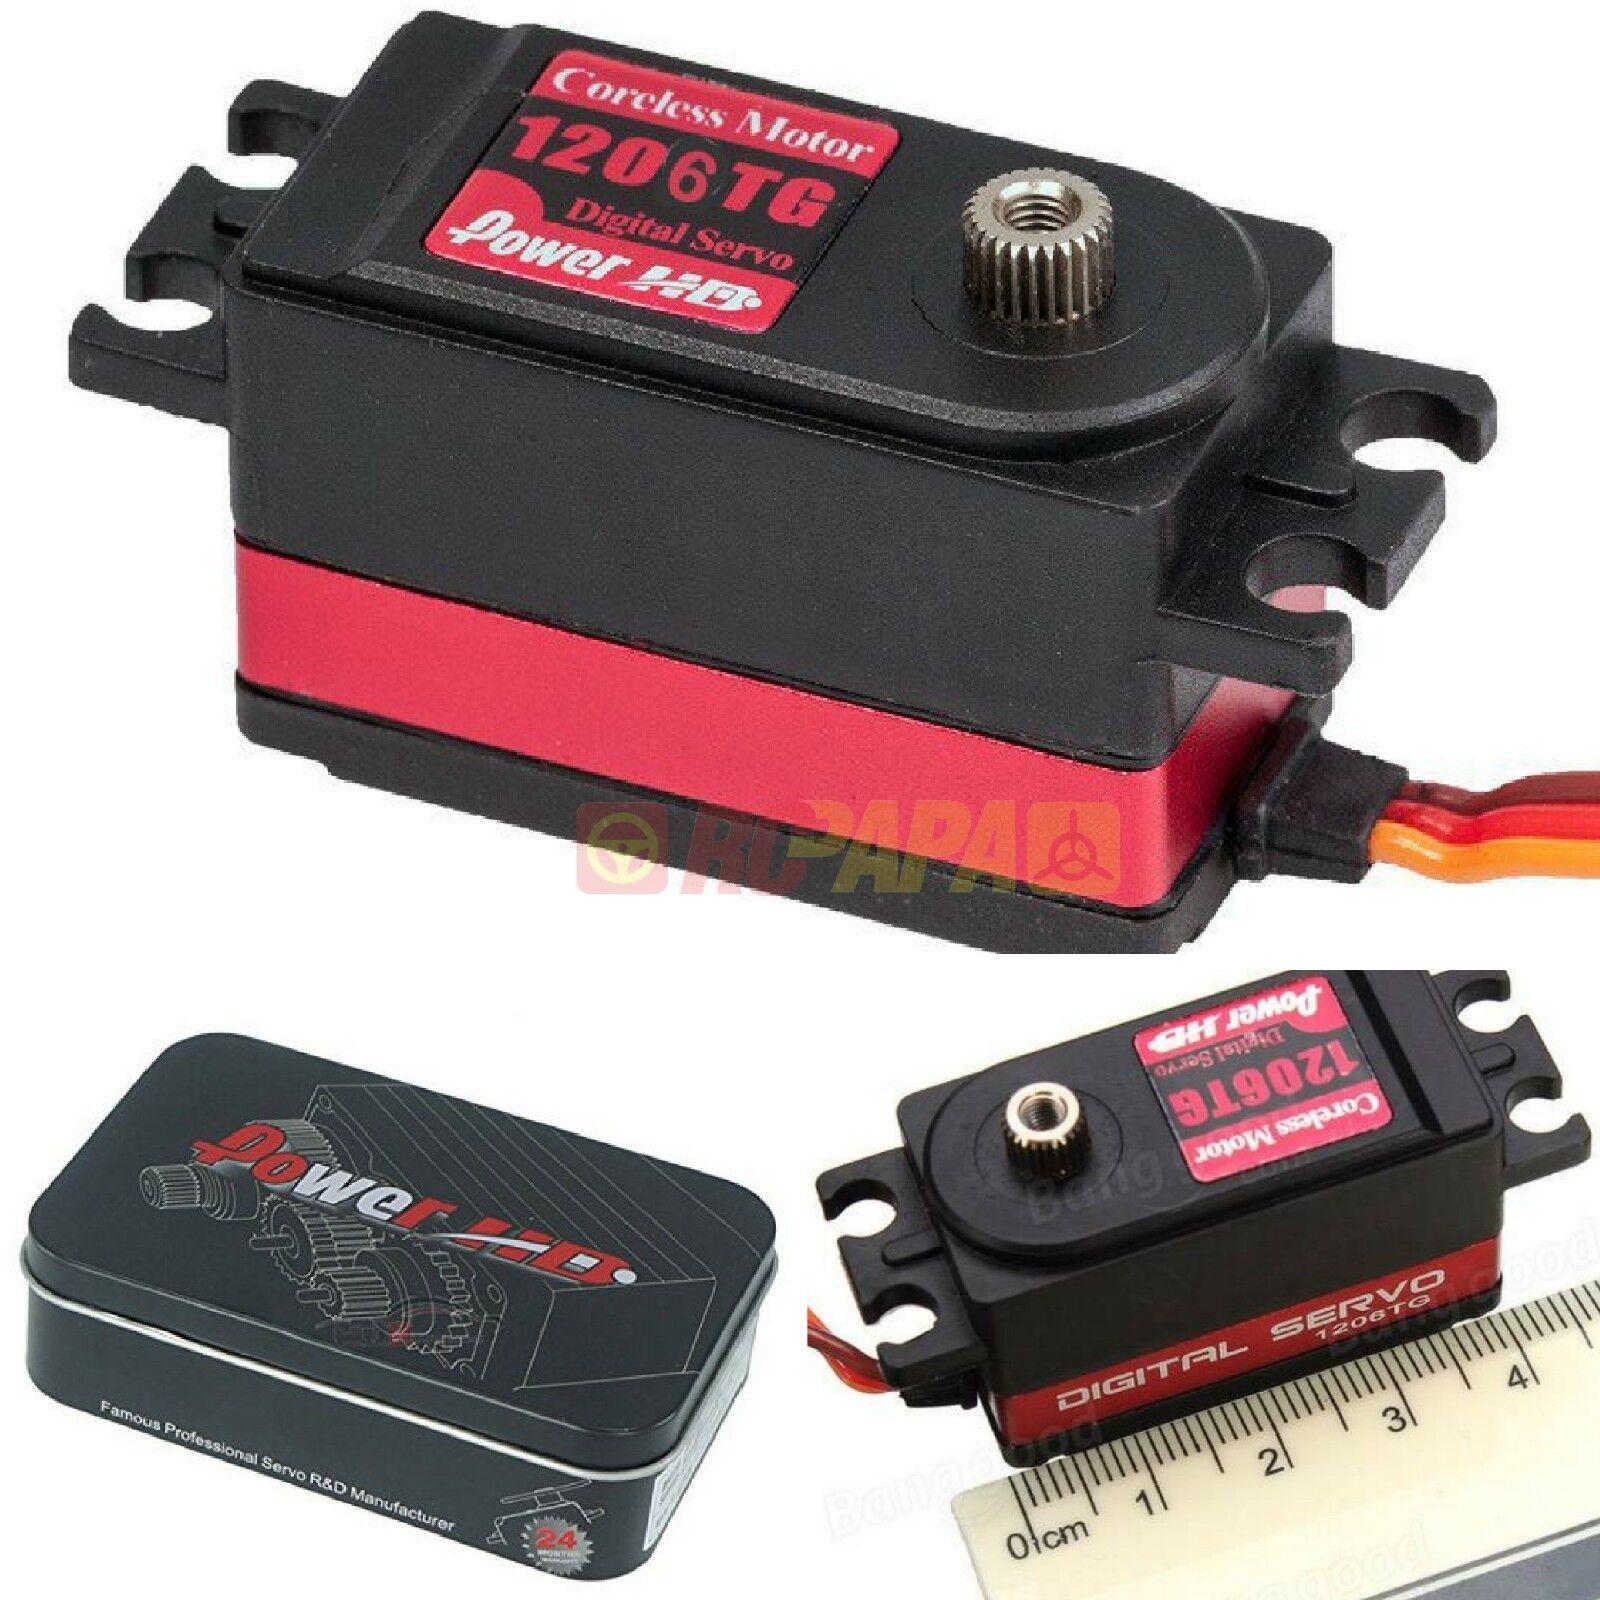 Power HD 7KG High Speed Digital Servo RC 1 10 Car Hobby 1206TG 6V 0.06sec NEW